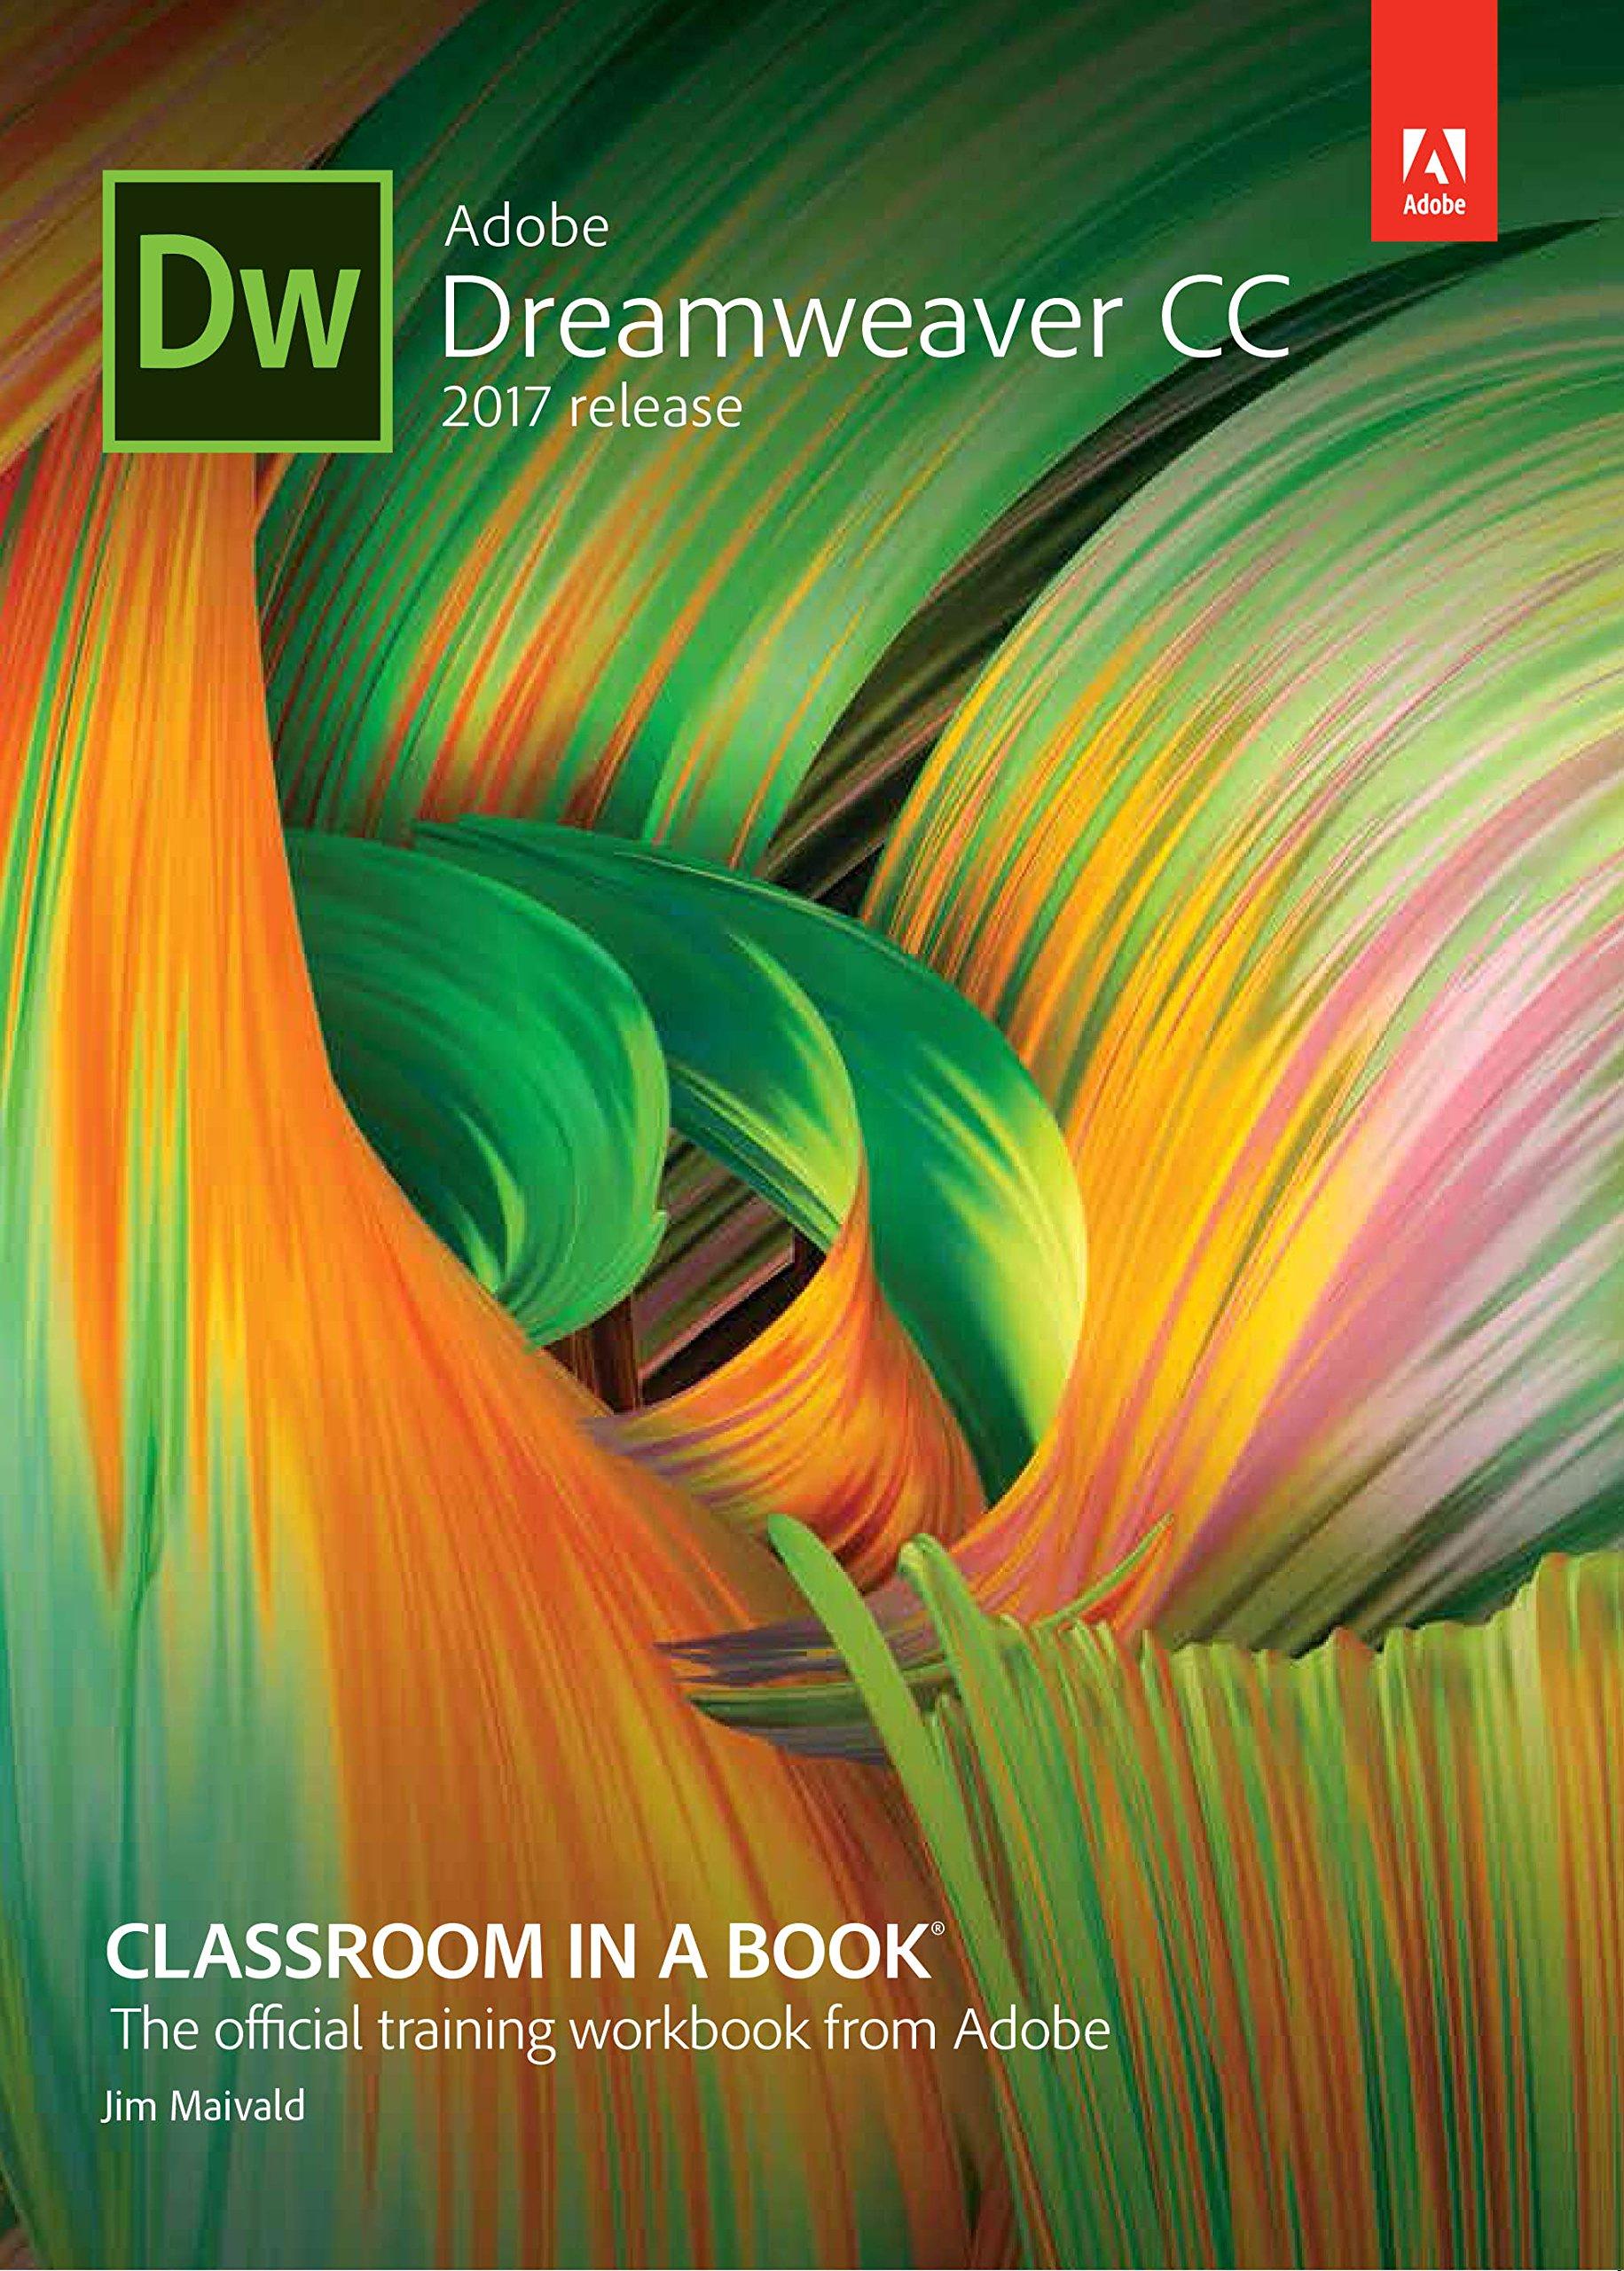 Adobe Dreamweaver Cc Classroom In A Book Paperback – 2017